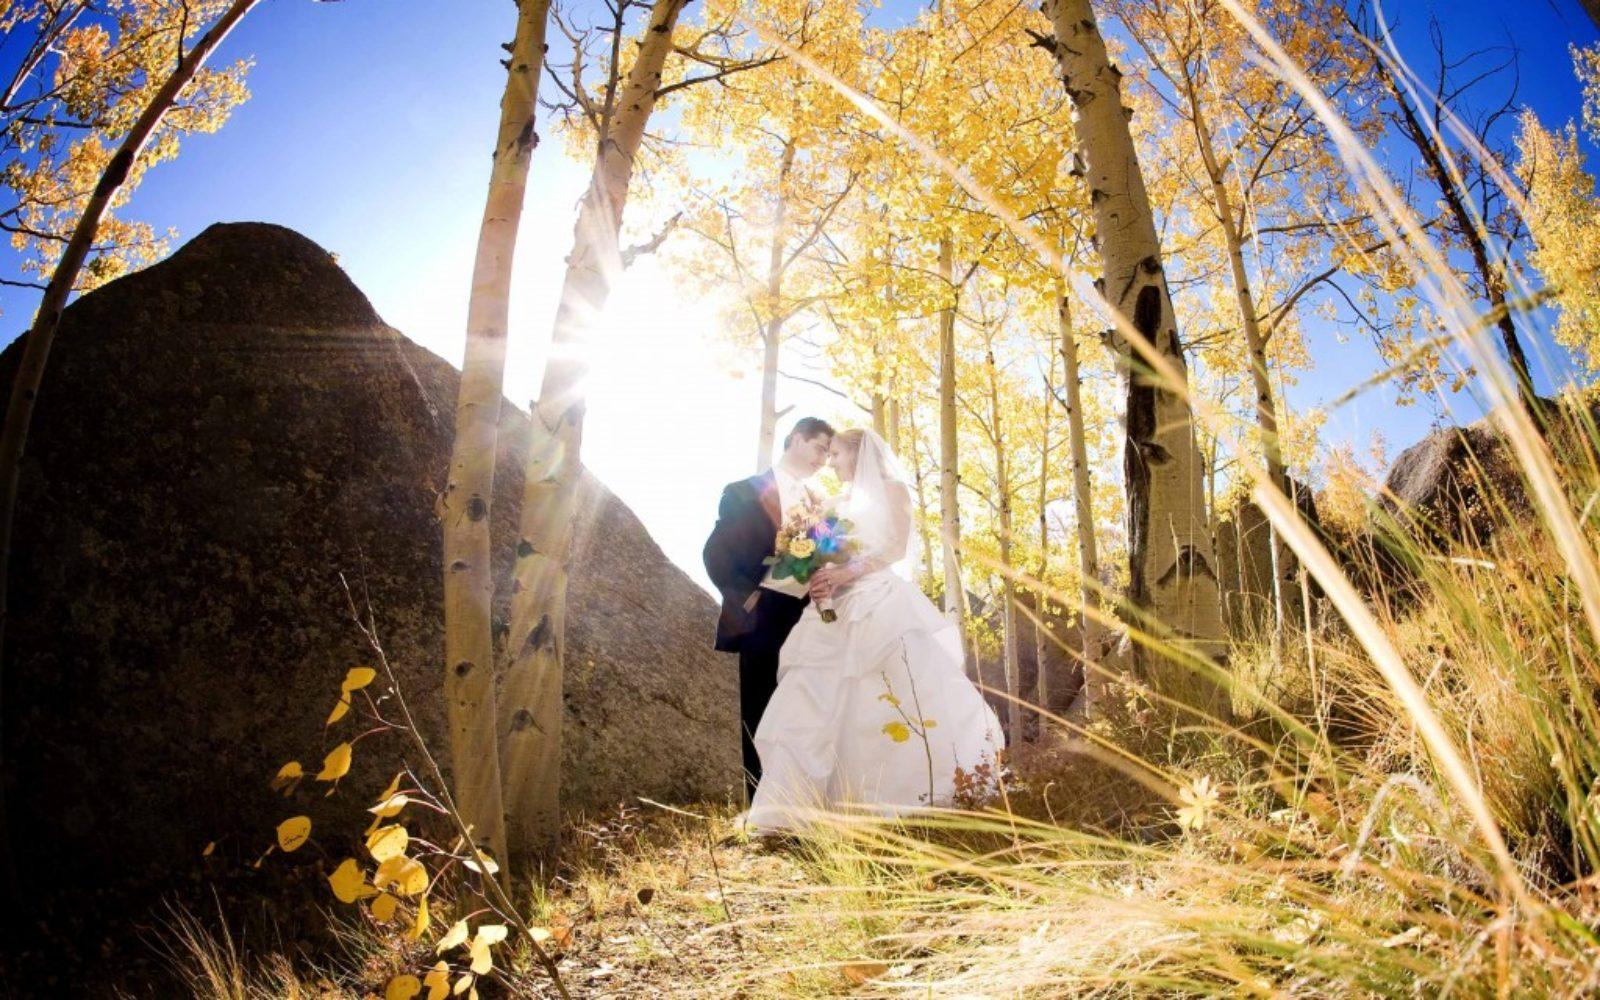 wedding-golden-aspens-1024x640